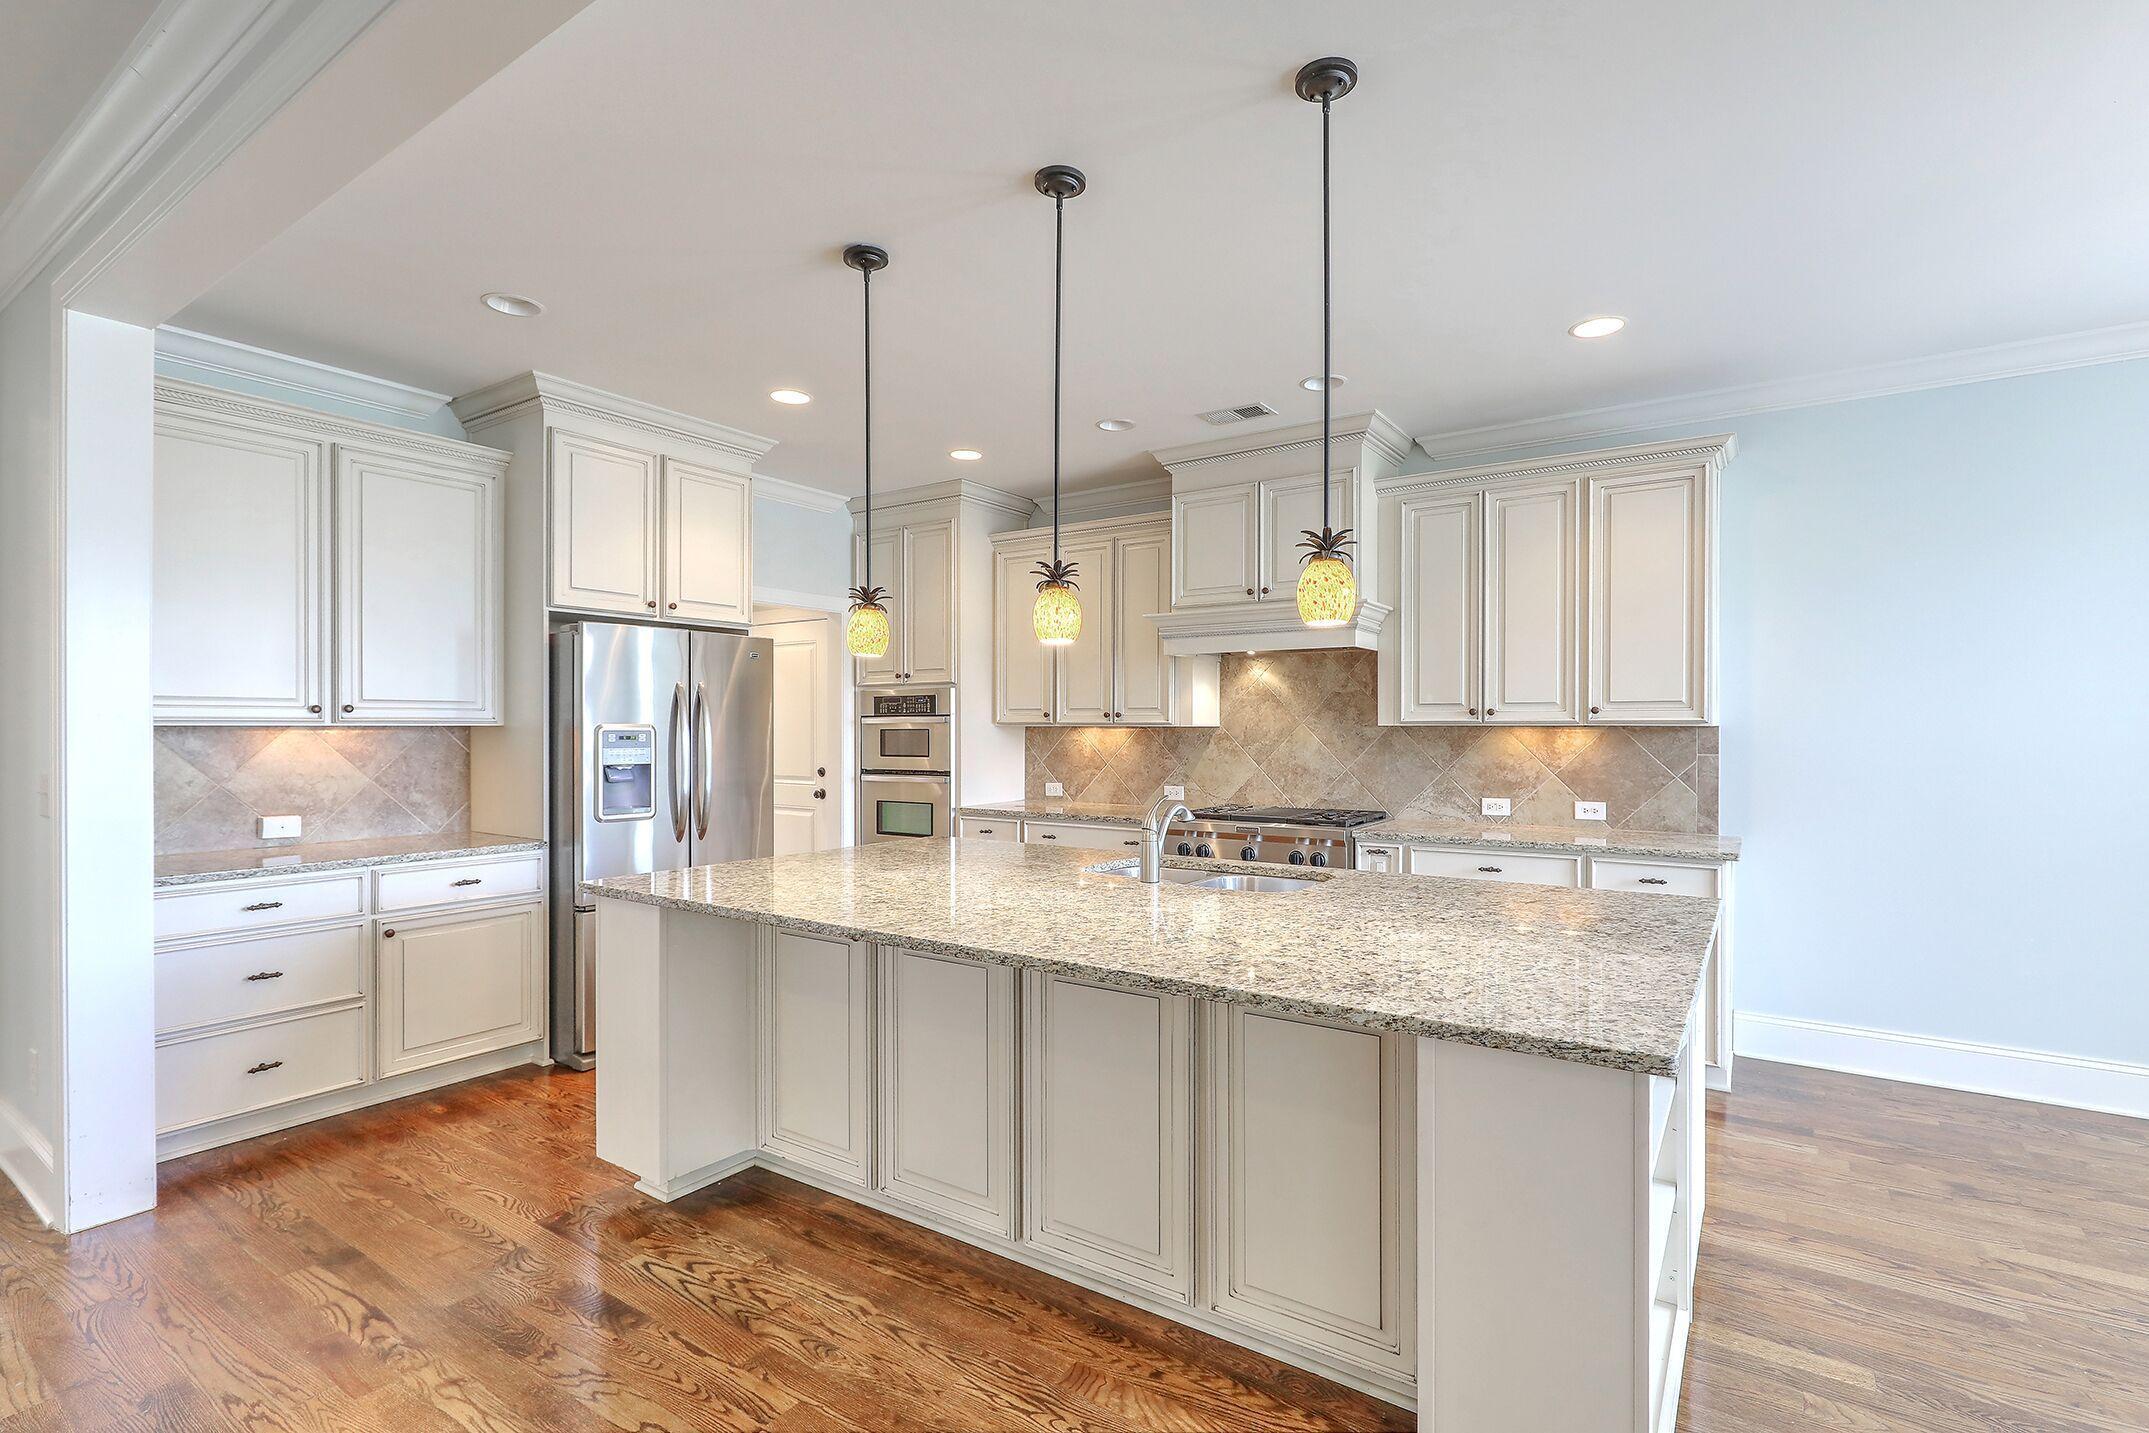 Dunes West Homes For Sale - 2970 Sturbridge, Mount Pleasant, SC - 12